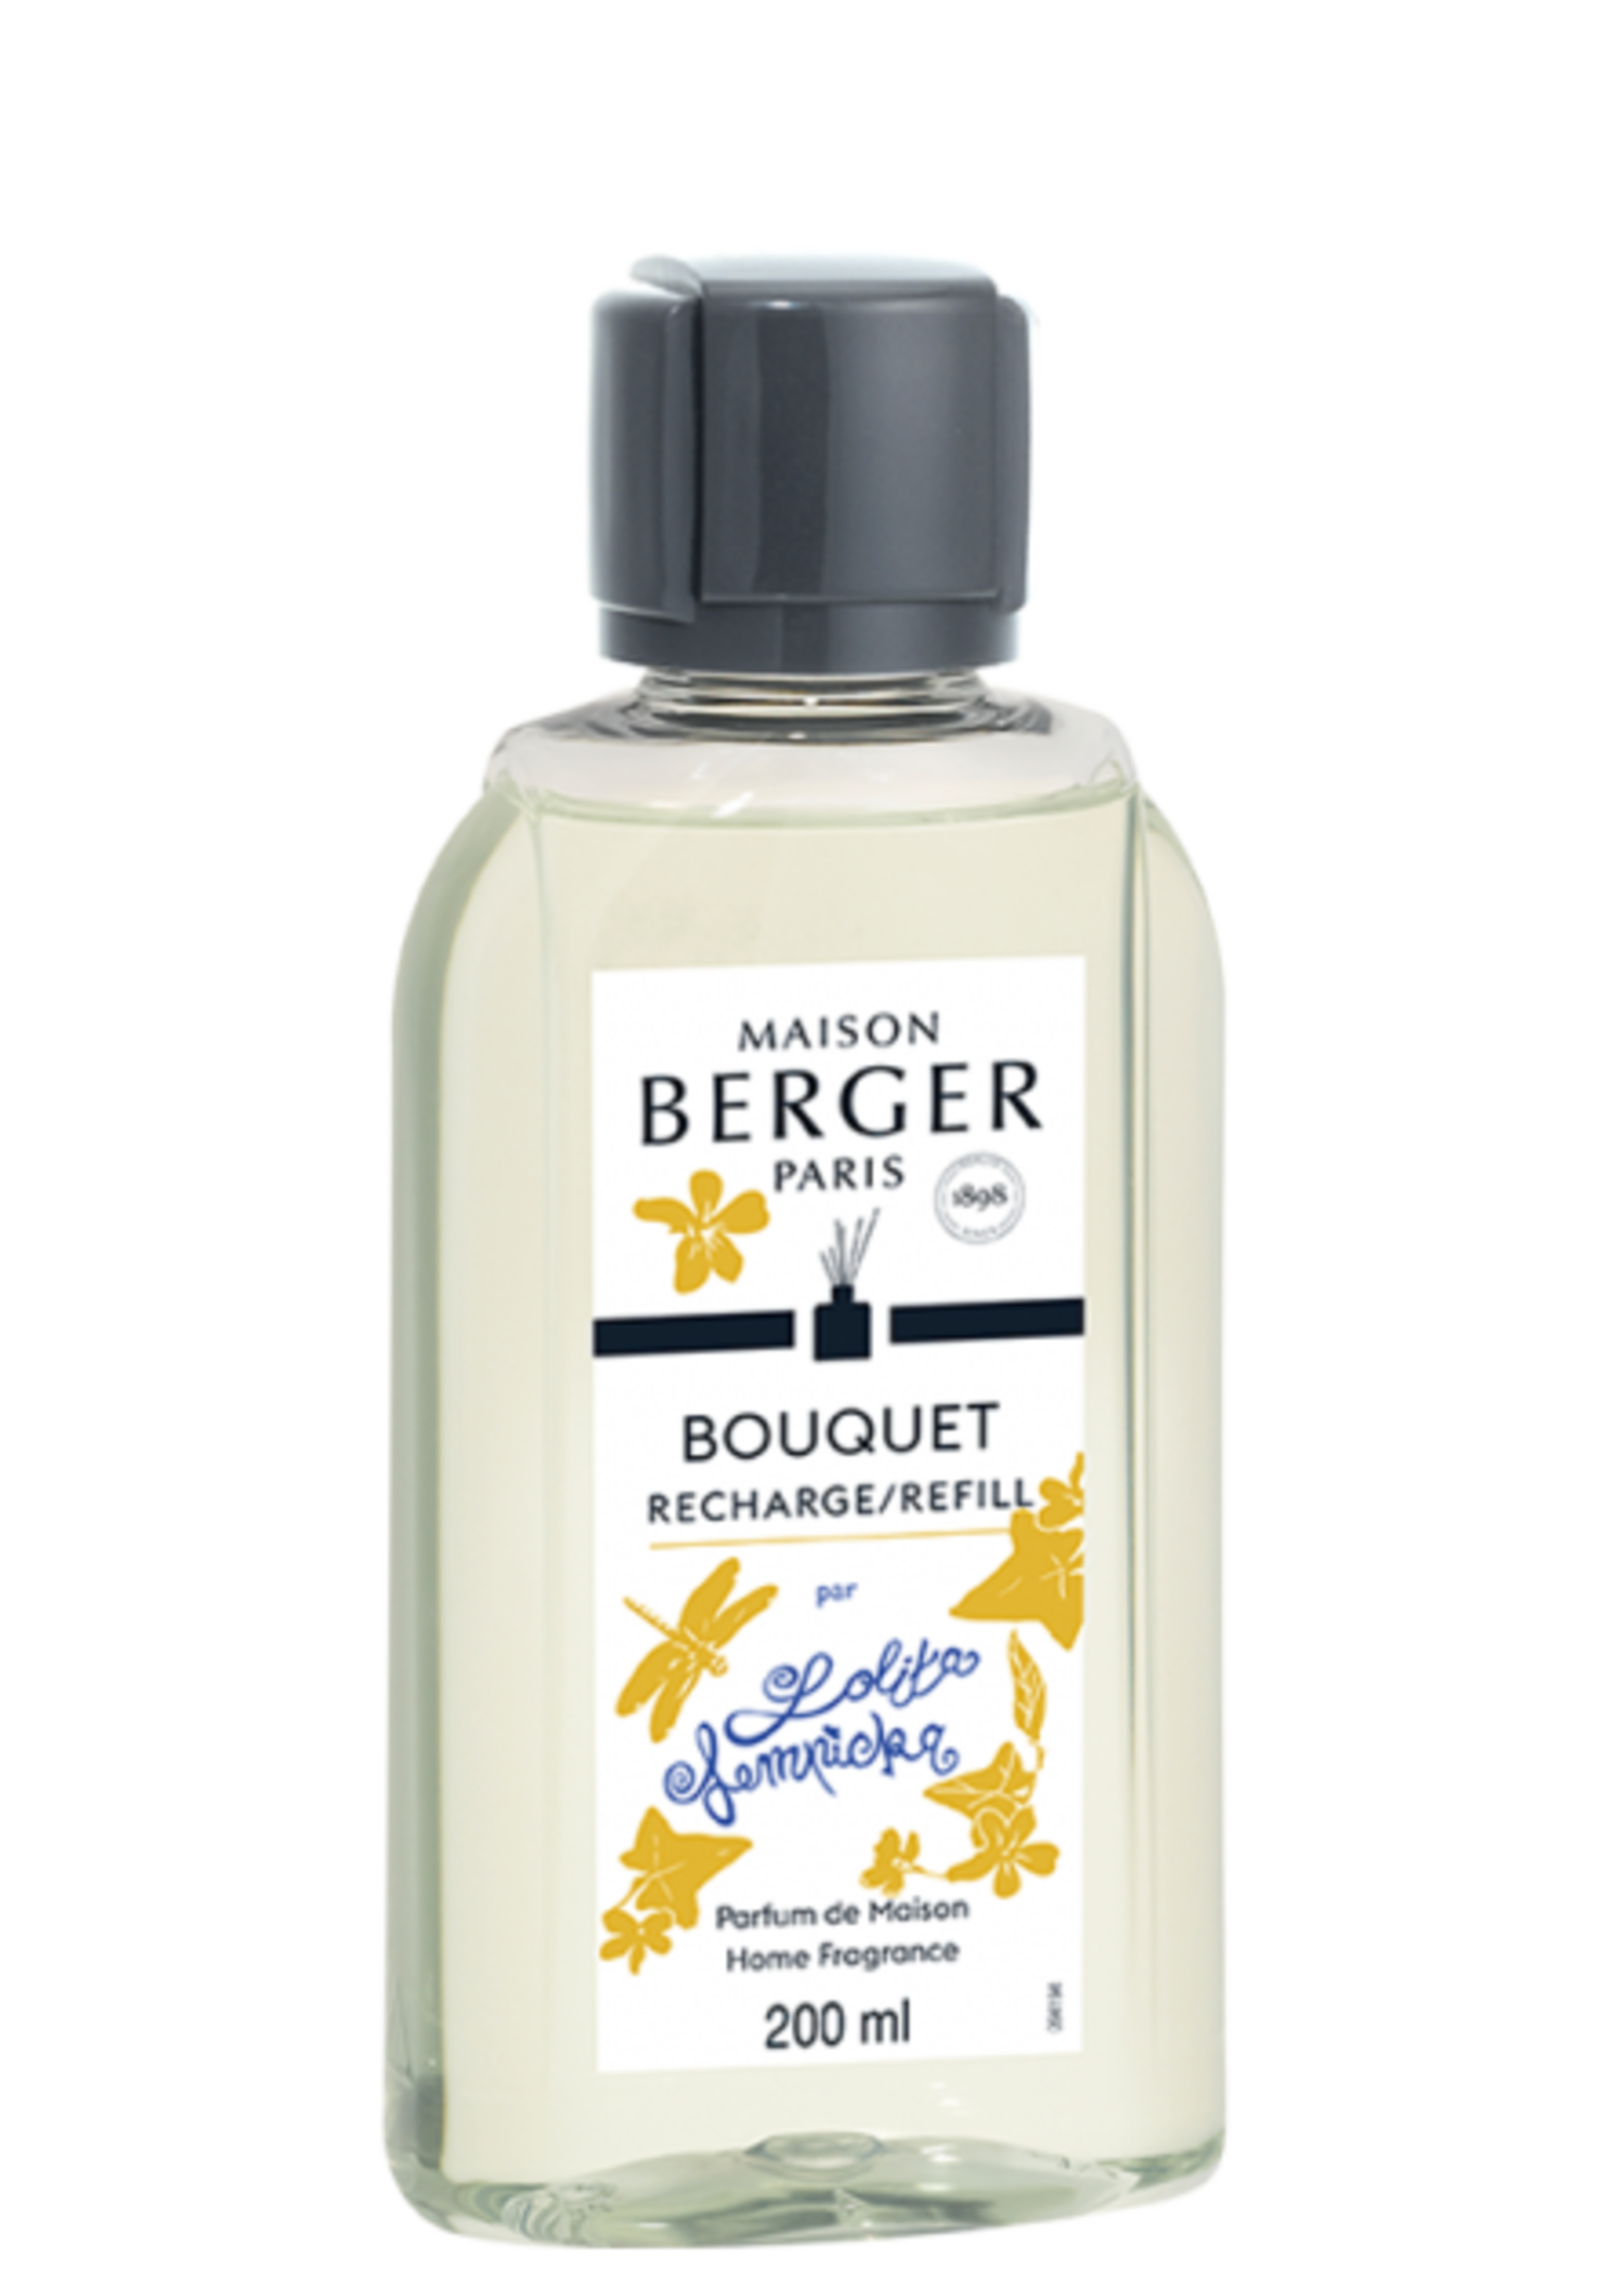 Parfum de Berger Navulling Parfum Berger Lolita lempicka